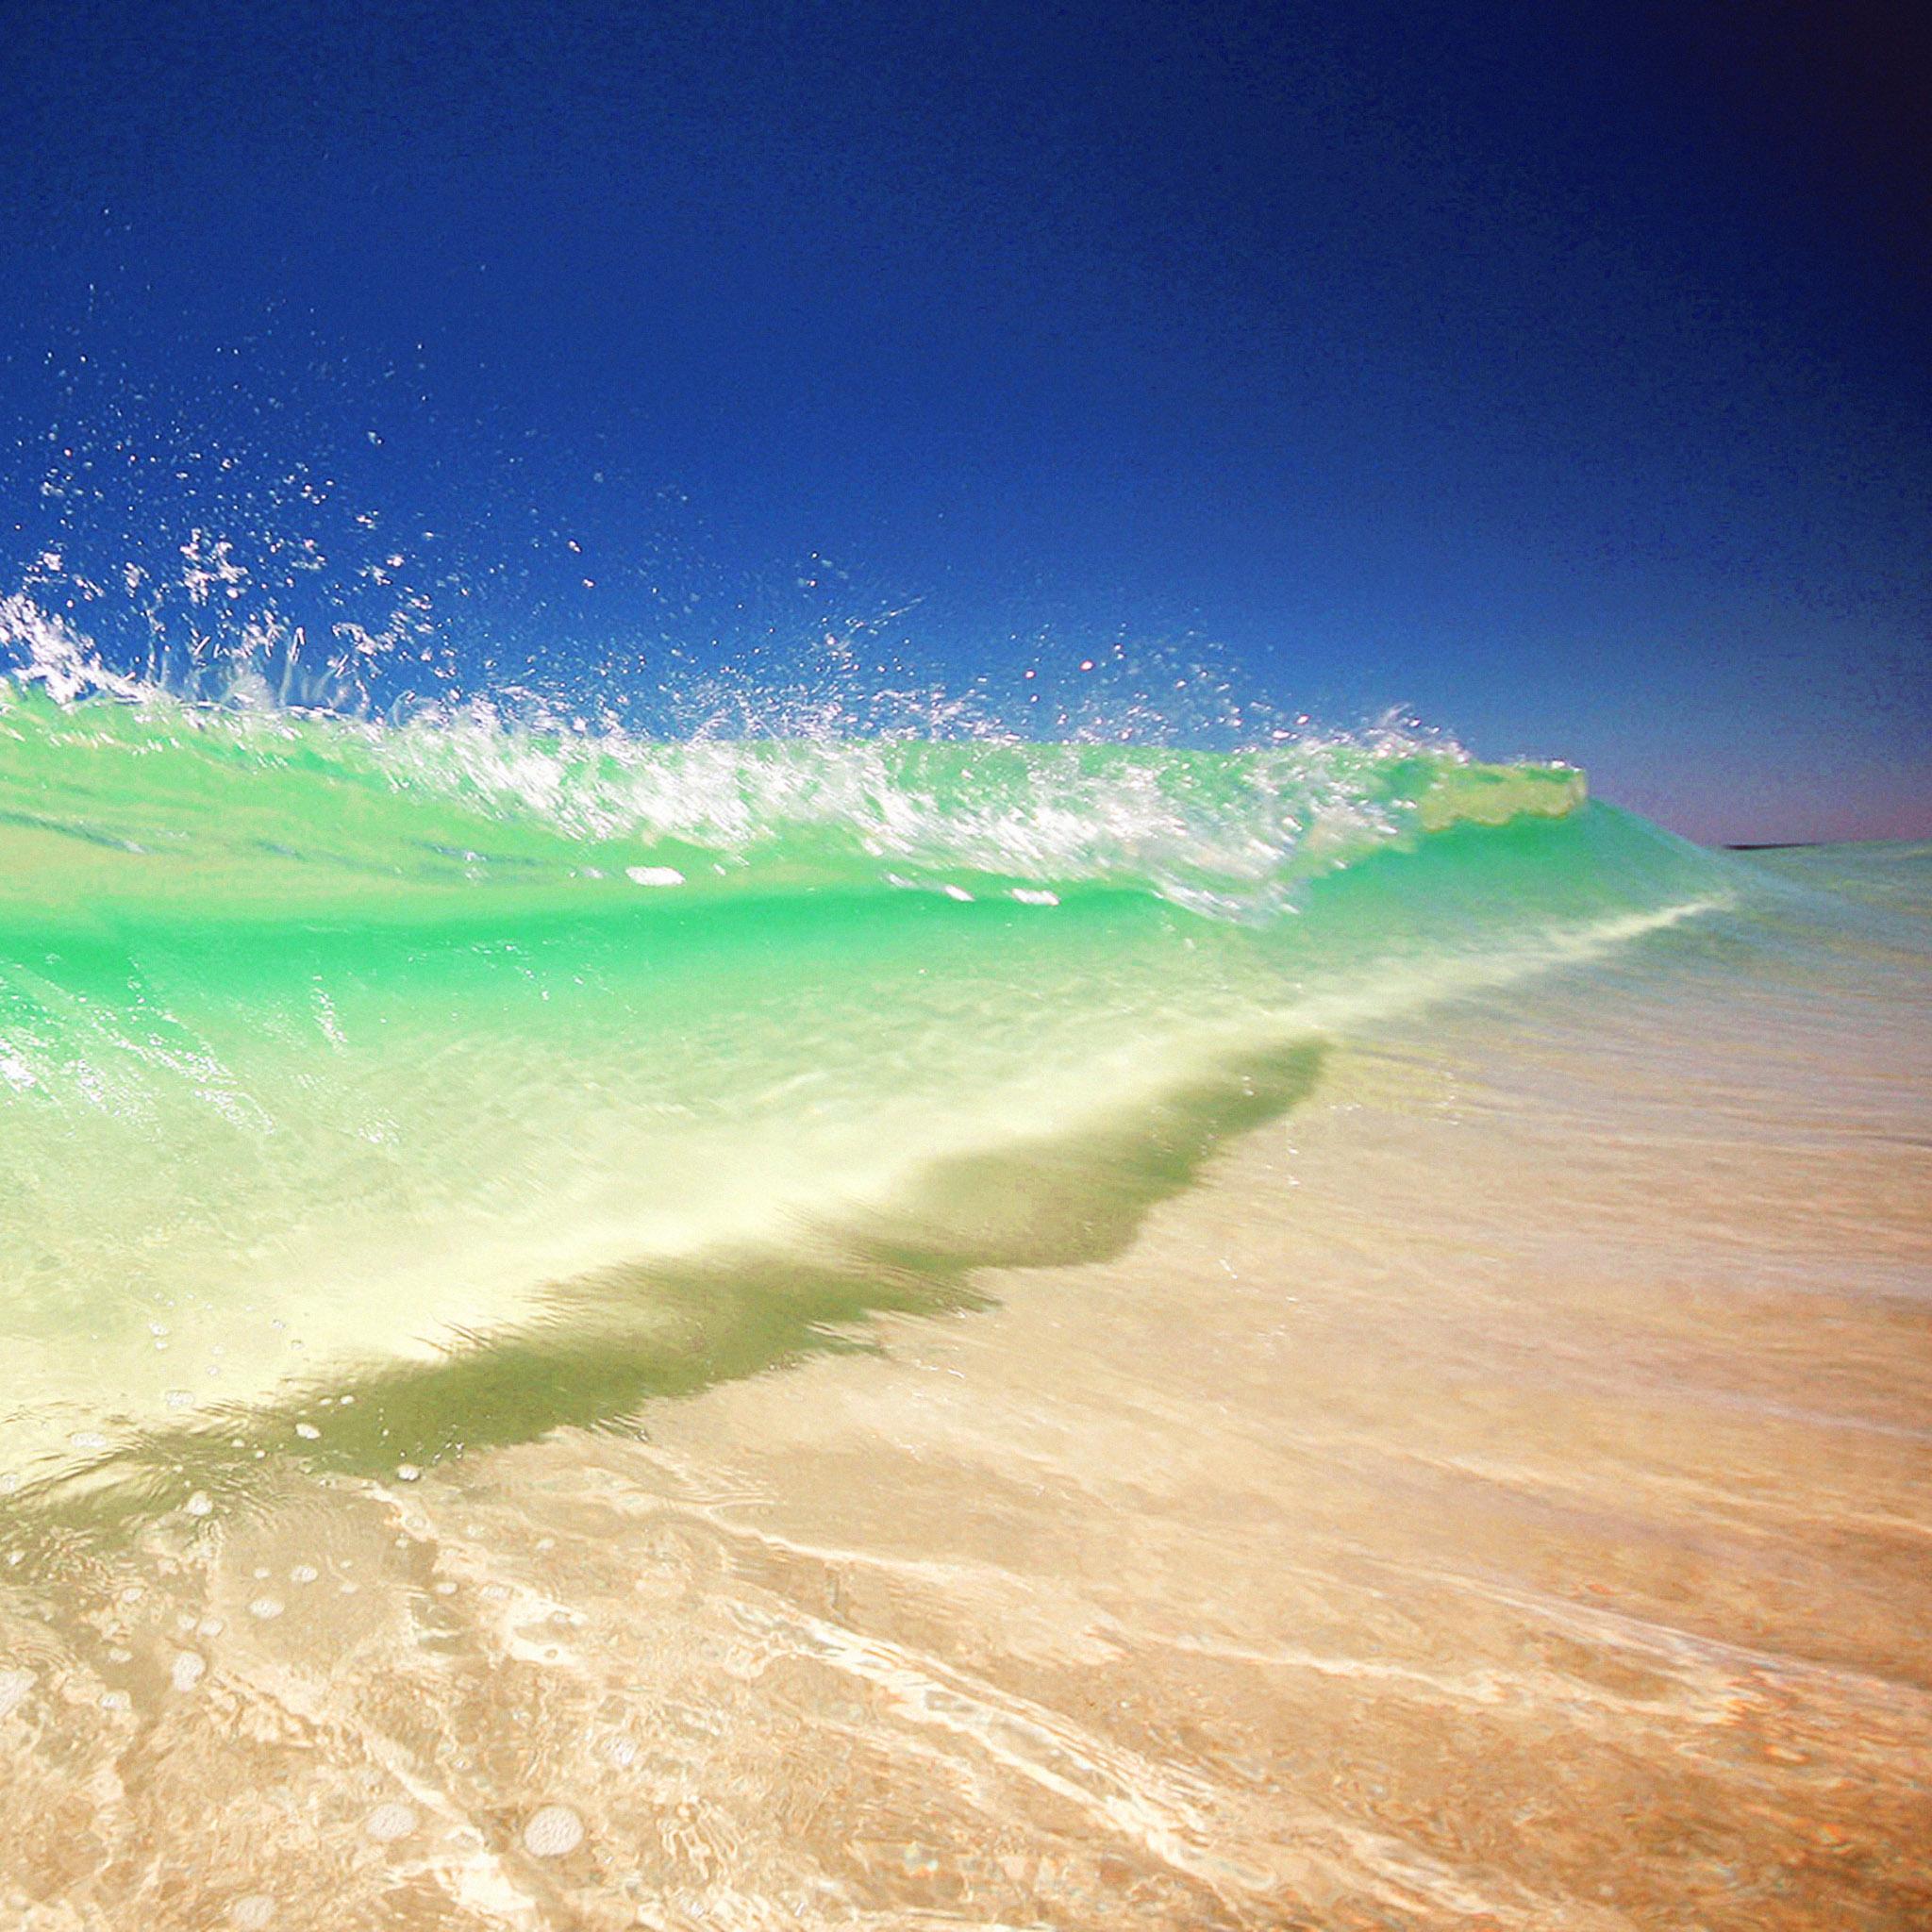 фото море на айфон начинался полтретьего